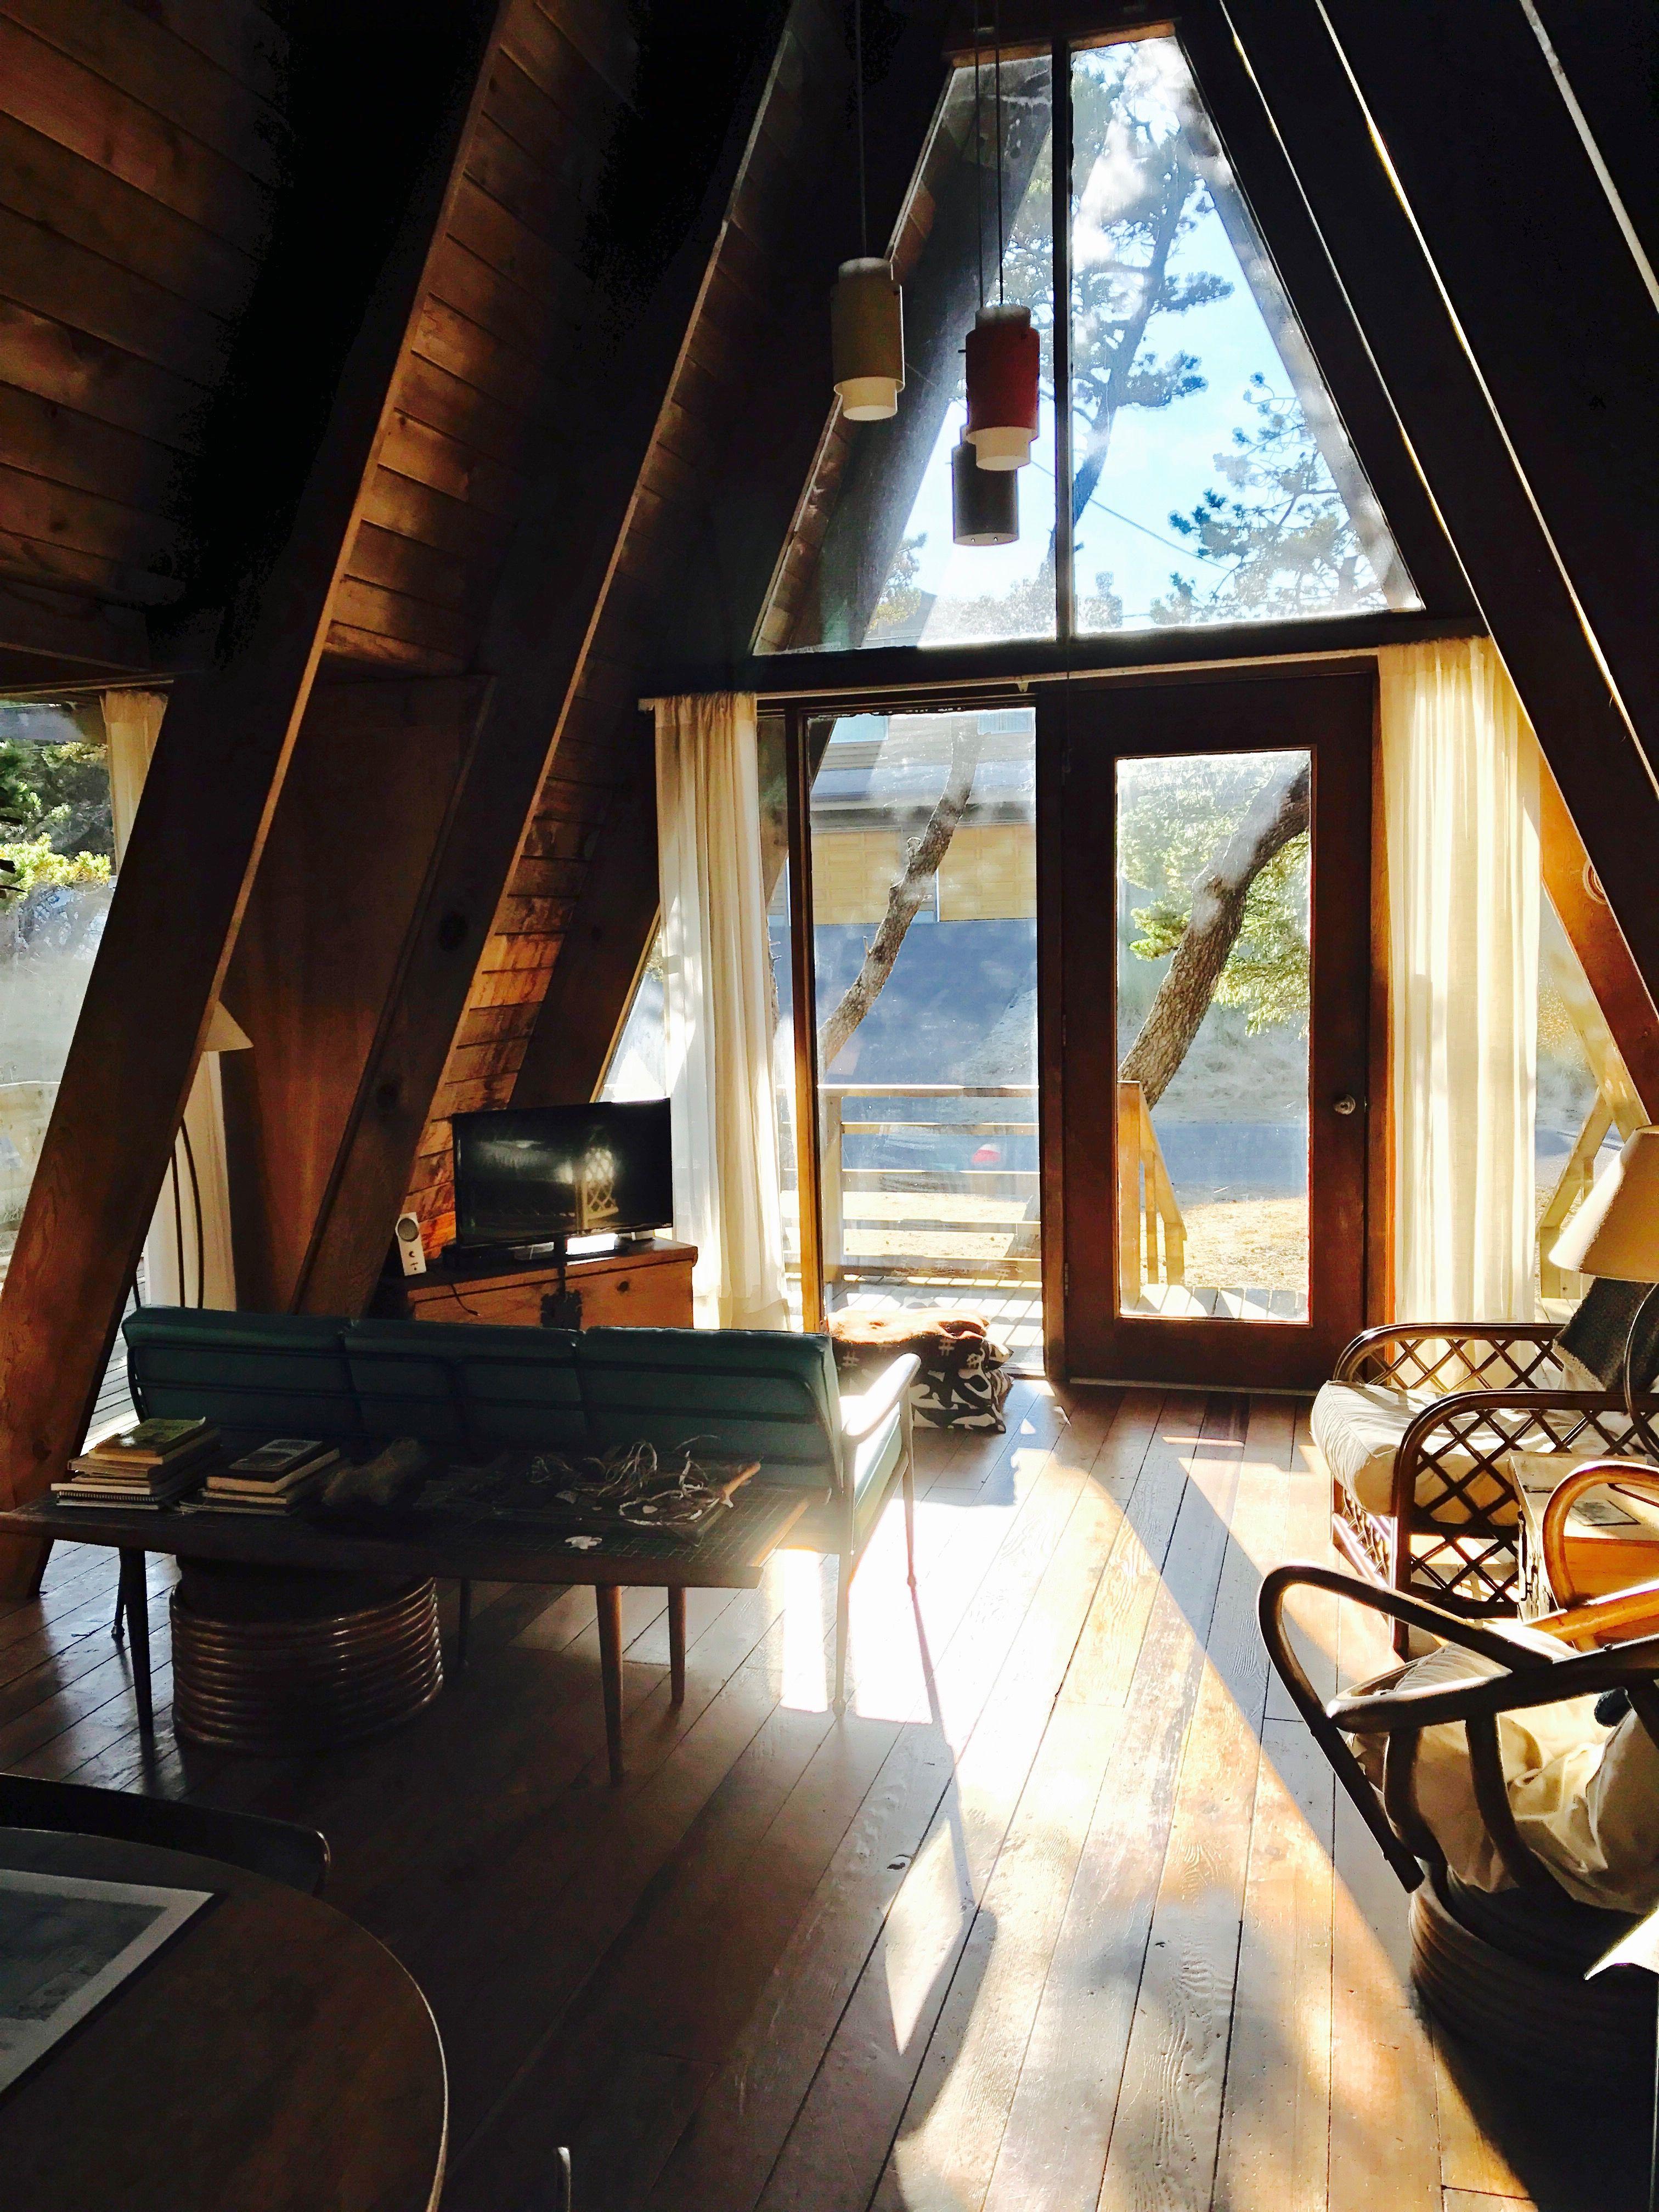 Pin Von Amie Gomez Greania Auf A Frame Dachgiebel Haus Design